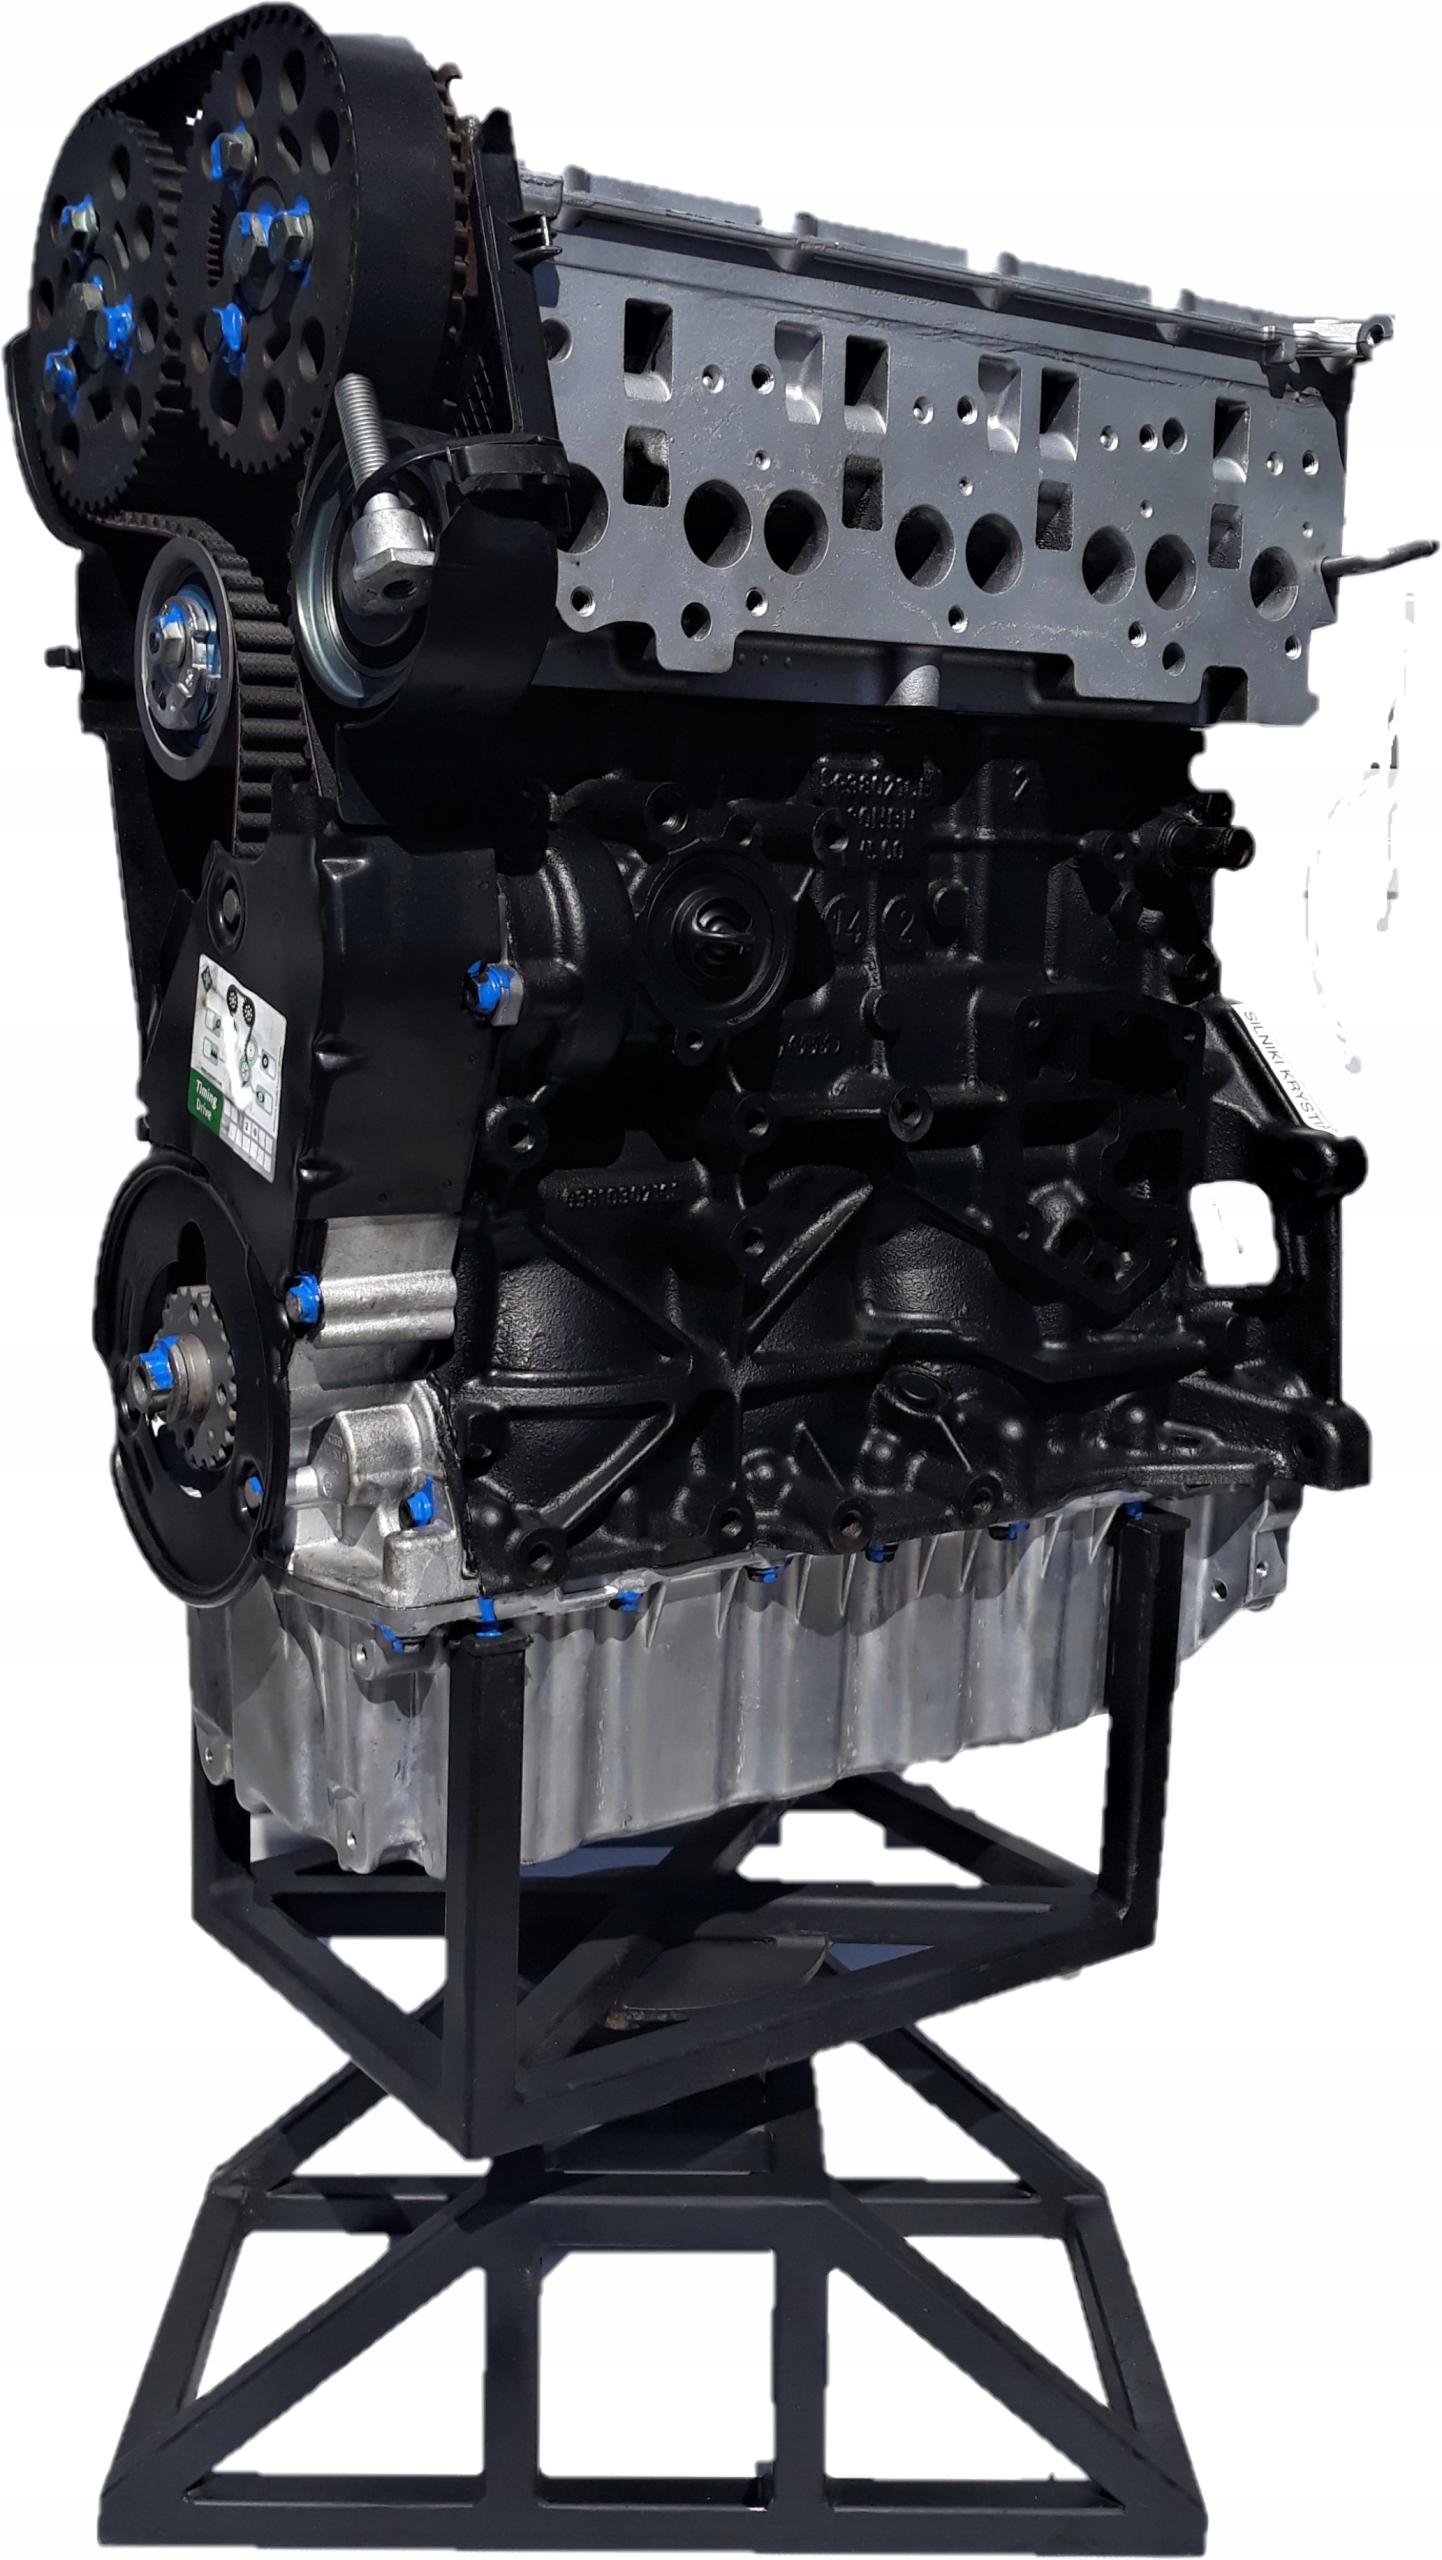 гарантия двигатель bmr bmn bkd azv 20 16v 170km